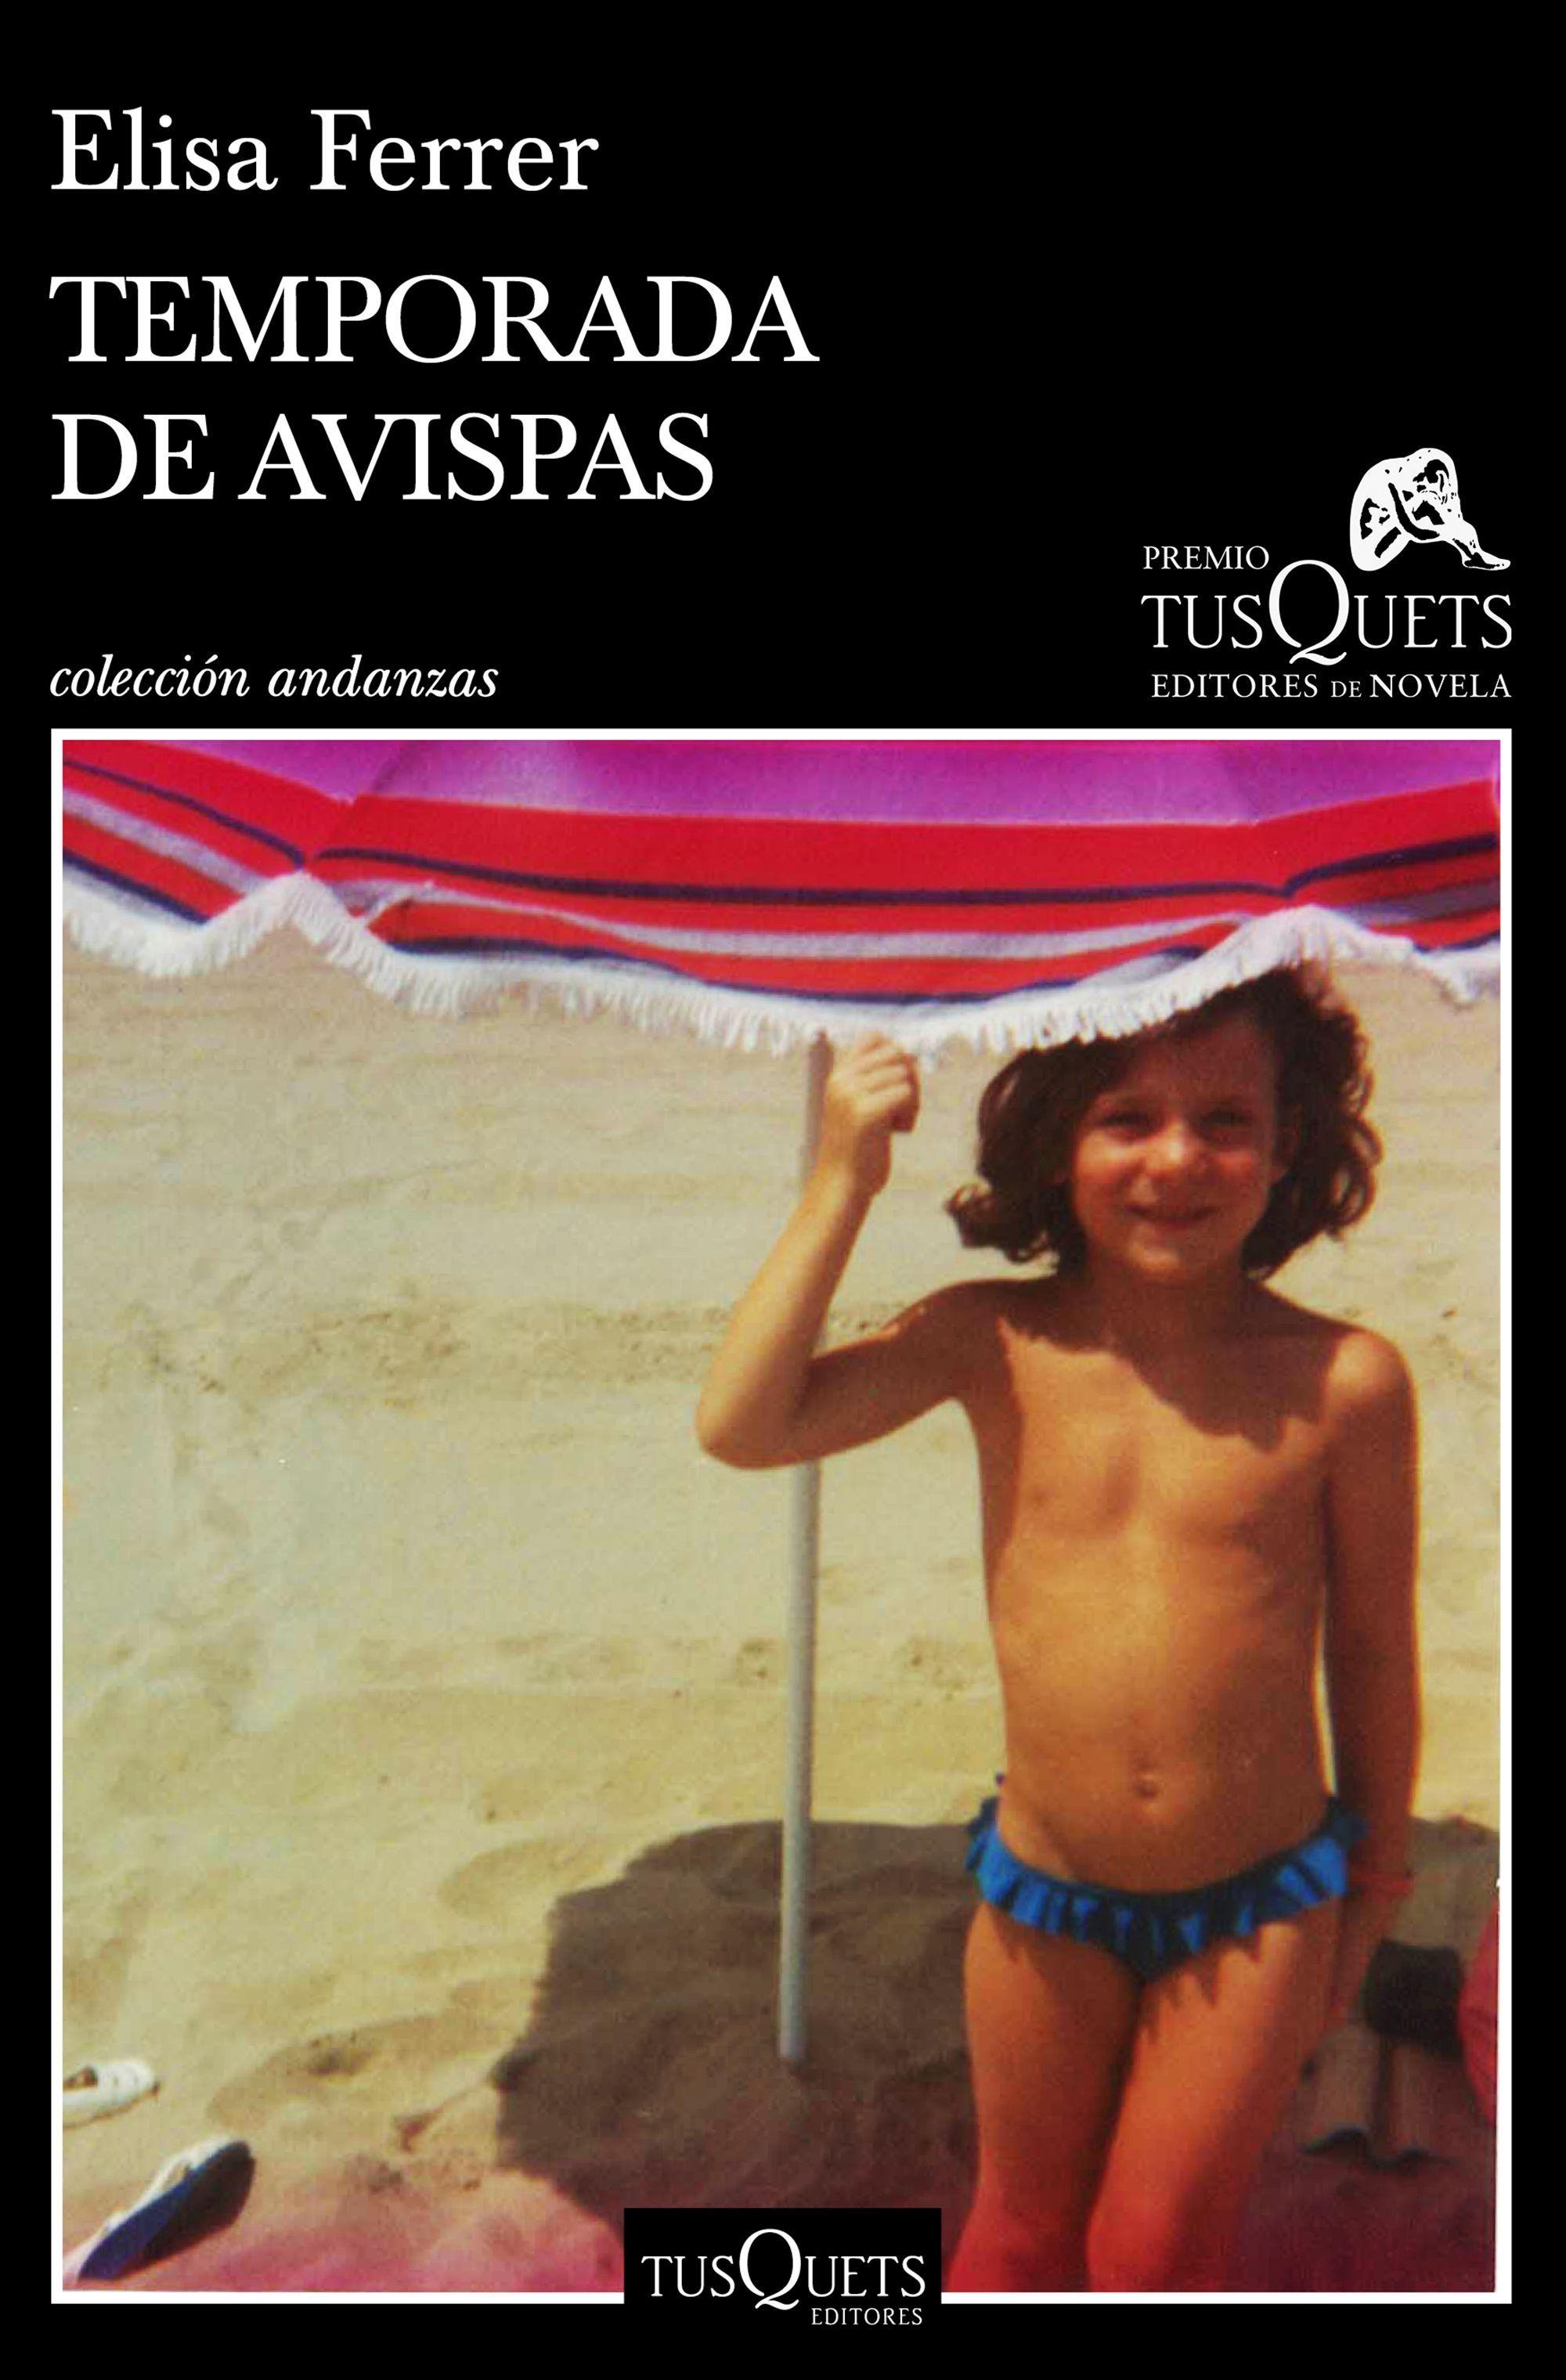 TEMPORADA DE AVISPAS. XV PREMIO TUSQUETS DE NOVELA 2019